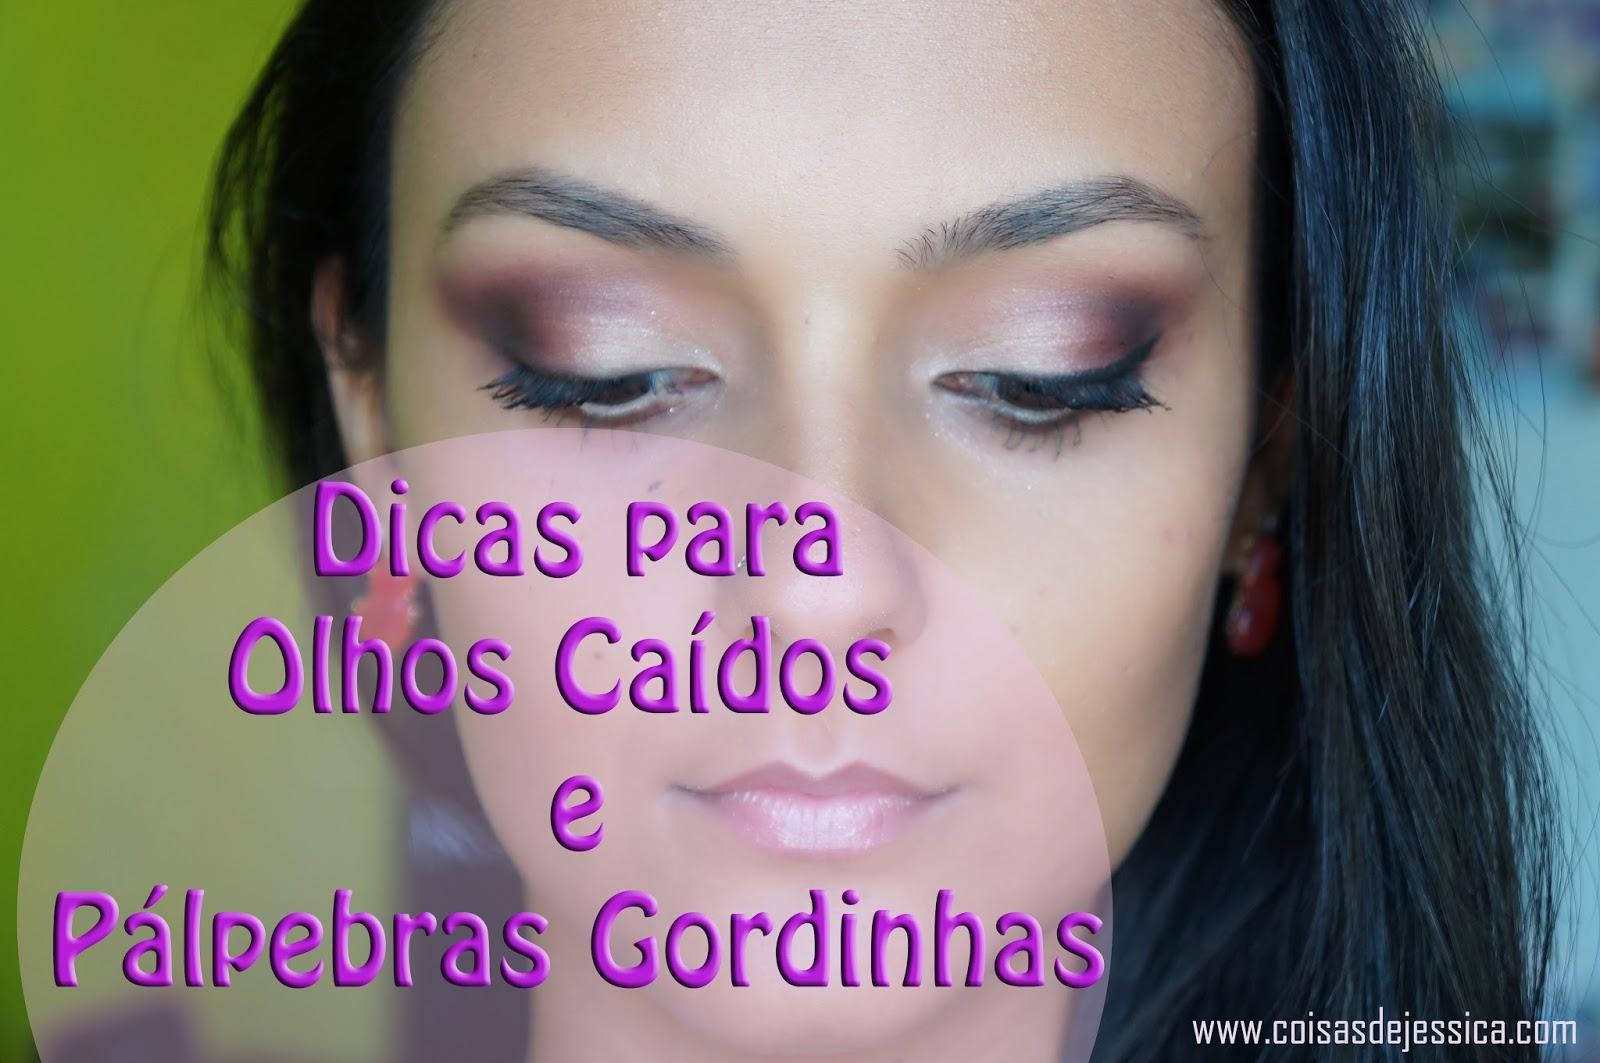 Excepcional Coisas de Jéssica: #Vídeo - Maquiagem para Olhos Caídos e Pálpebra  FP65